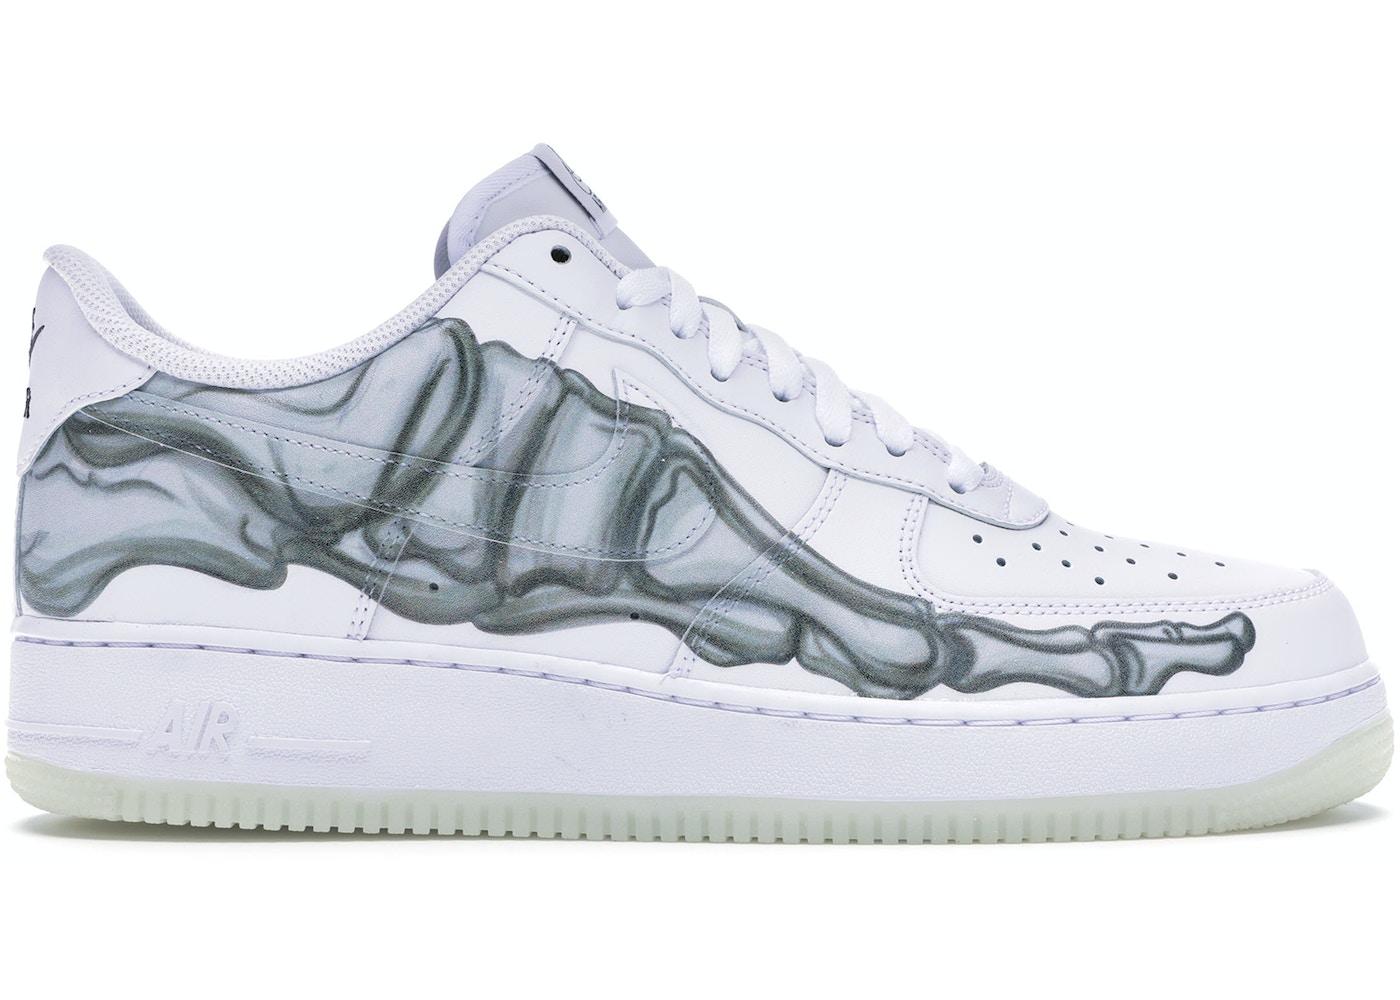 plus récent c09da 4d5e4 Buy Nike Air Force Shoes & Deadstock Sneakers